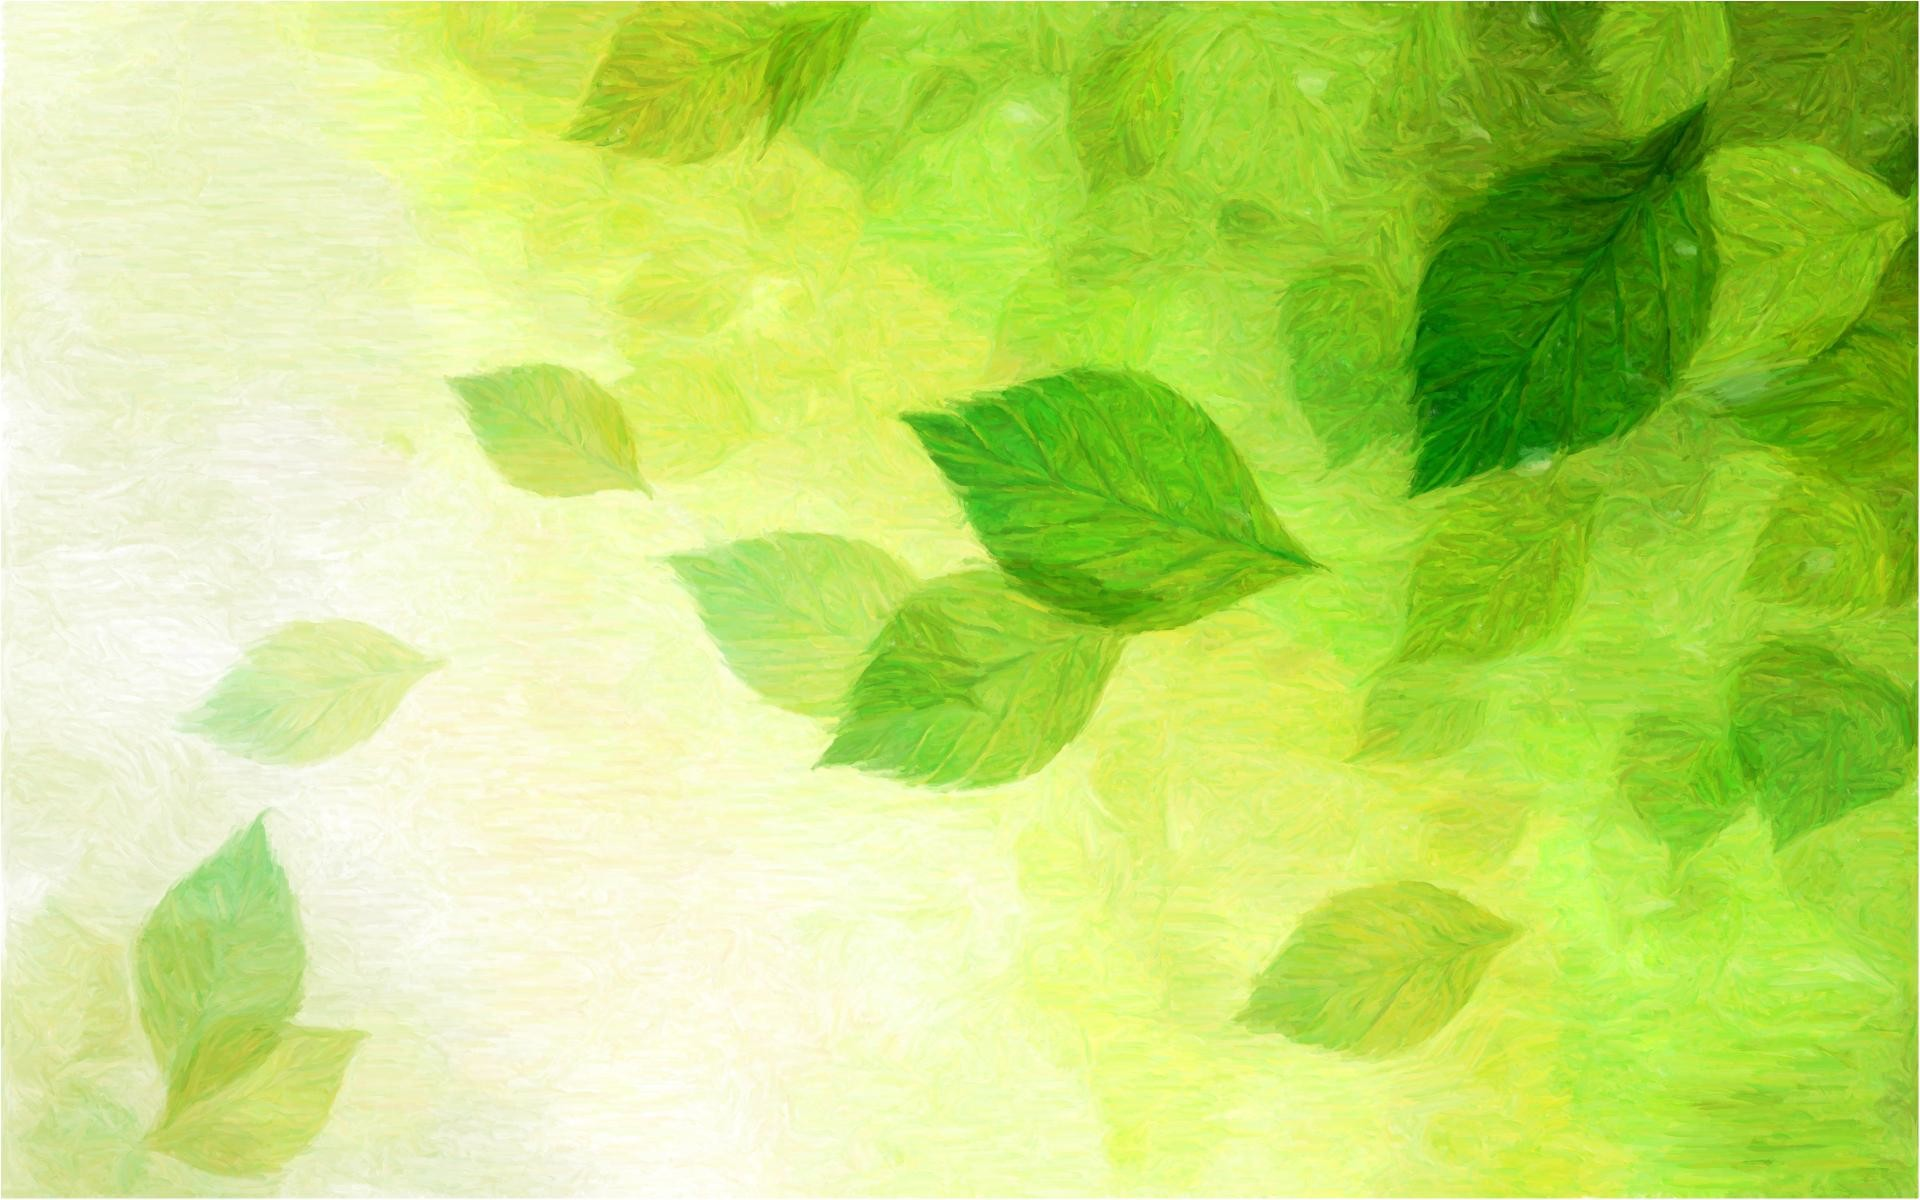 Green Wallpaper 14